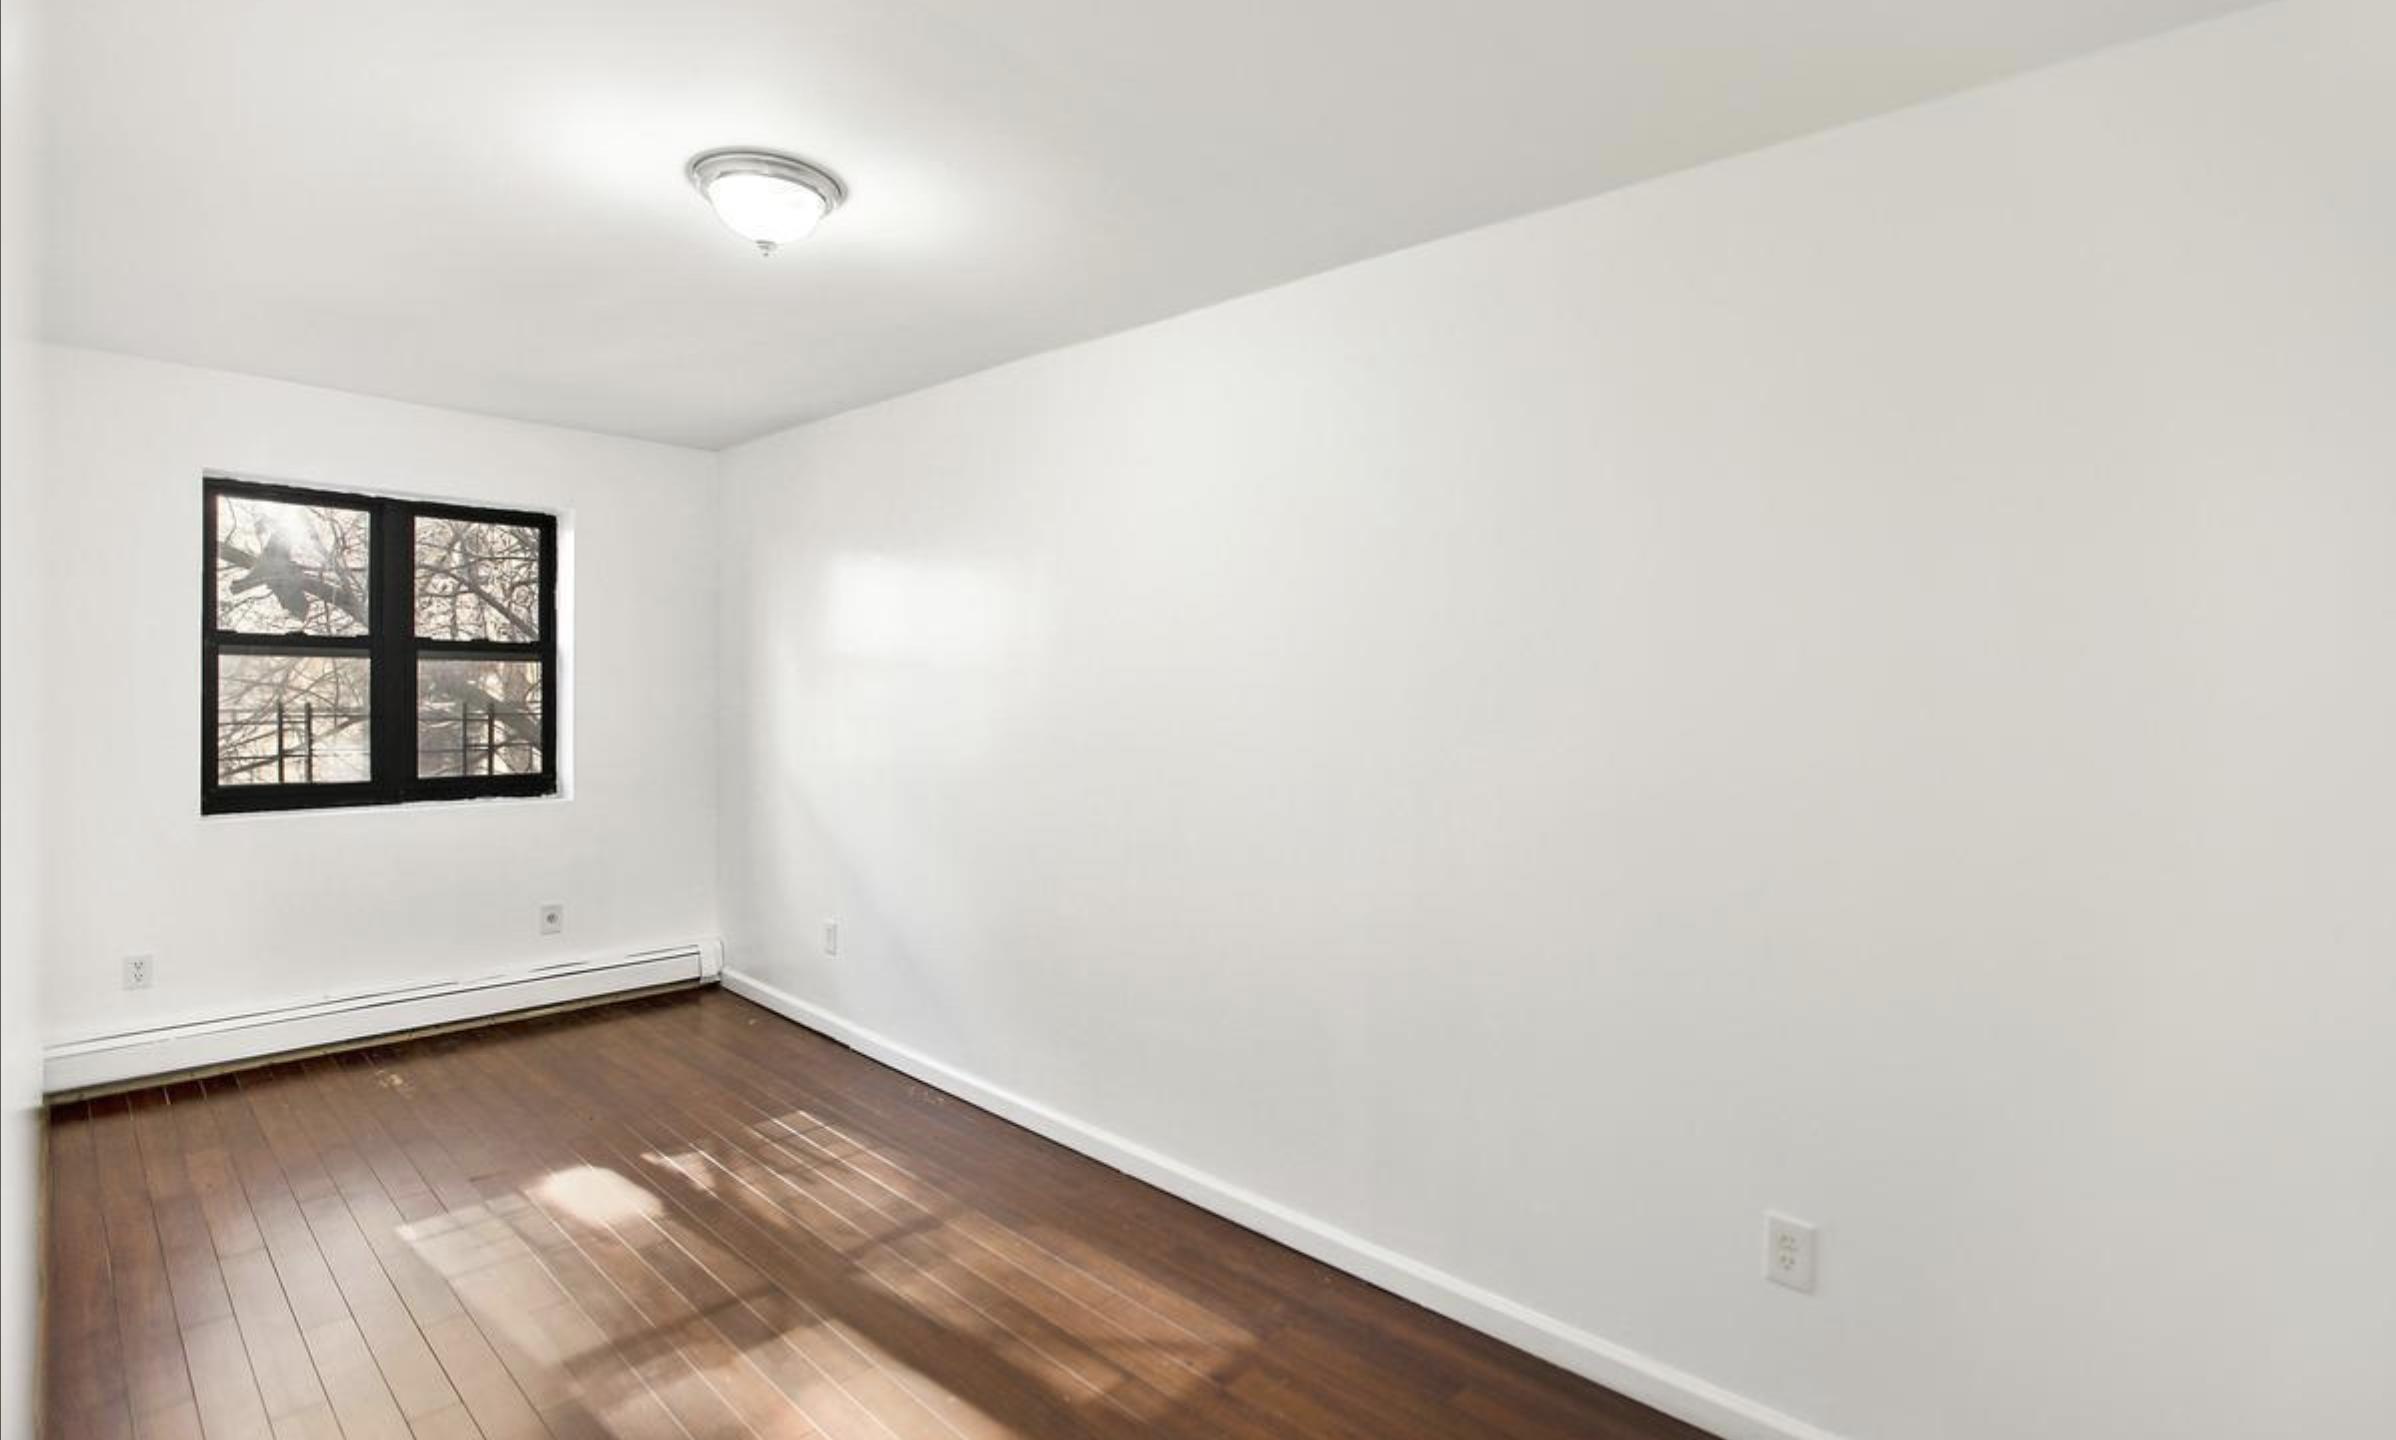 407 Kosciuszko Street Master Bedroom.png